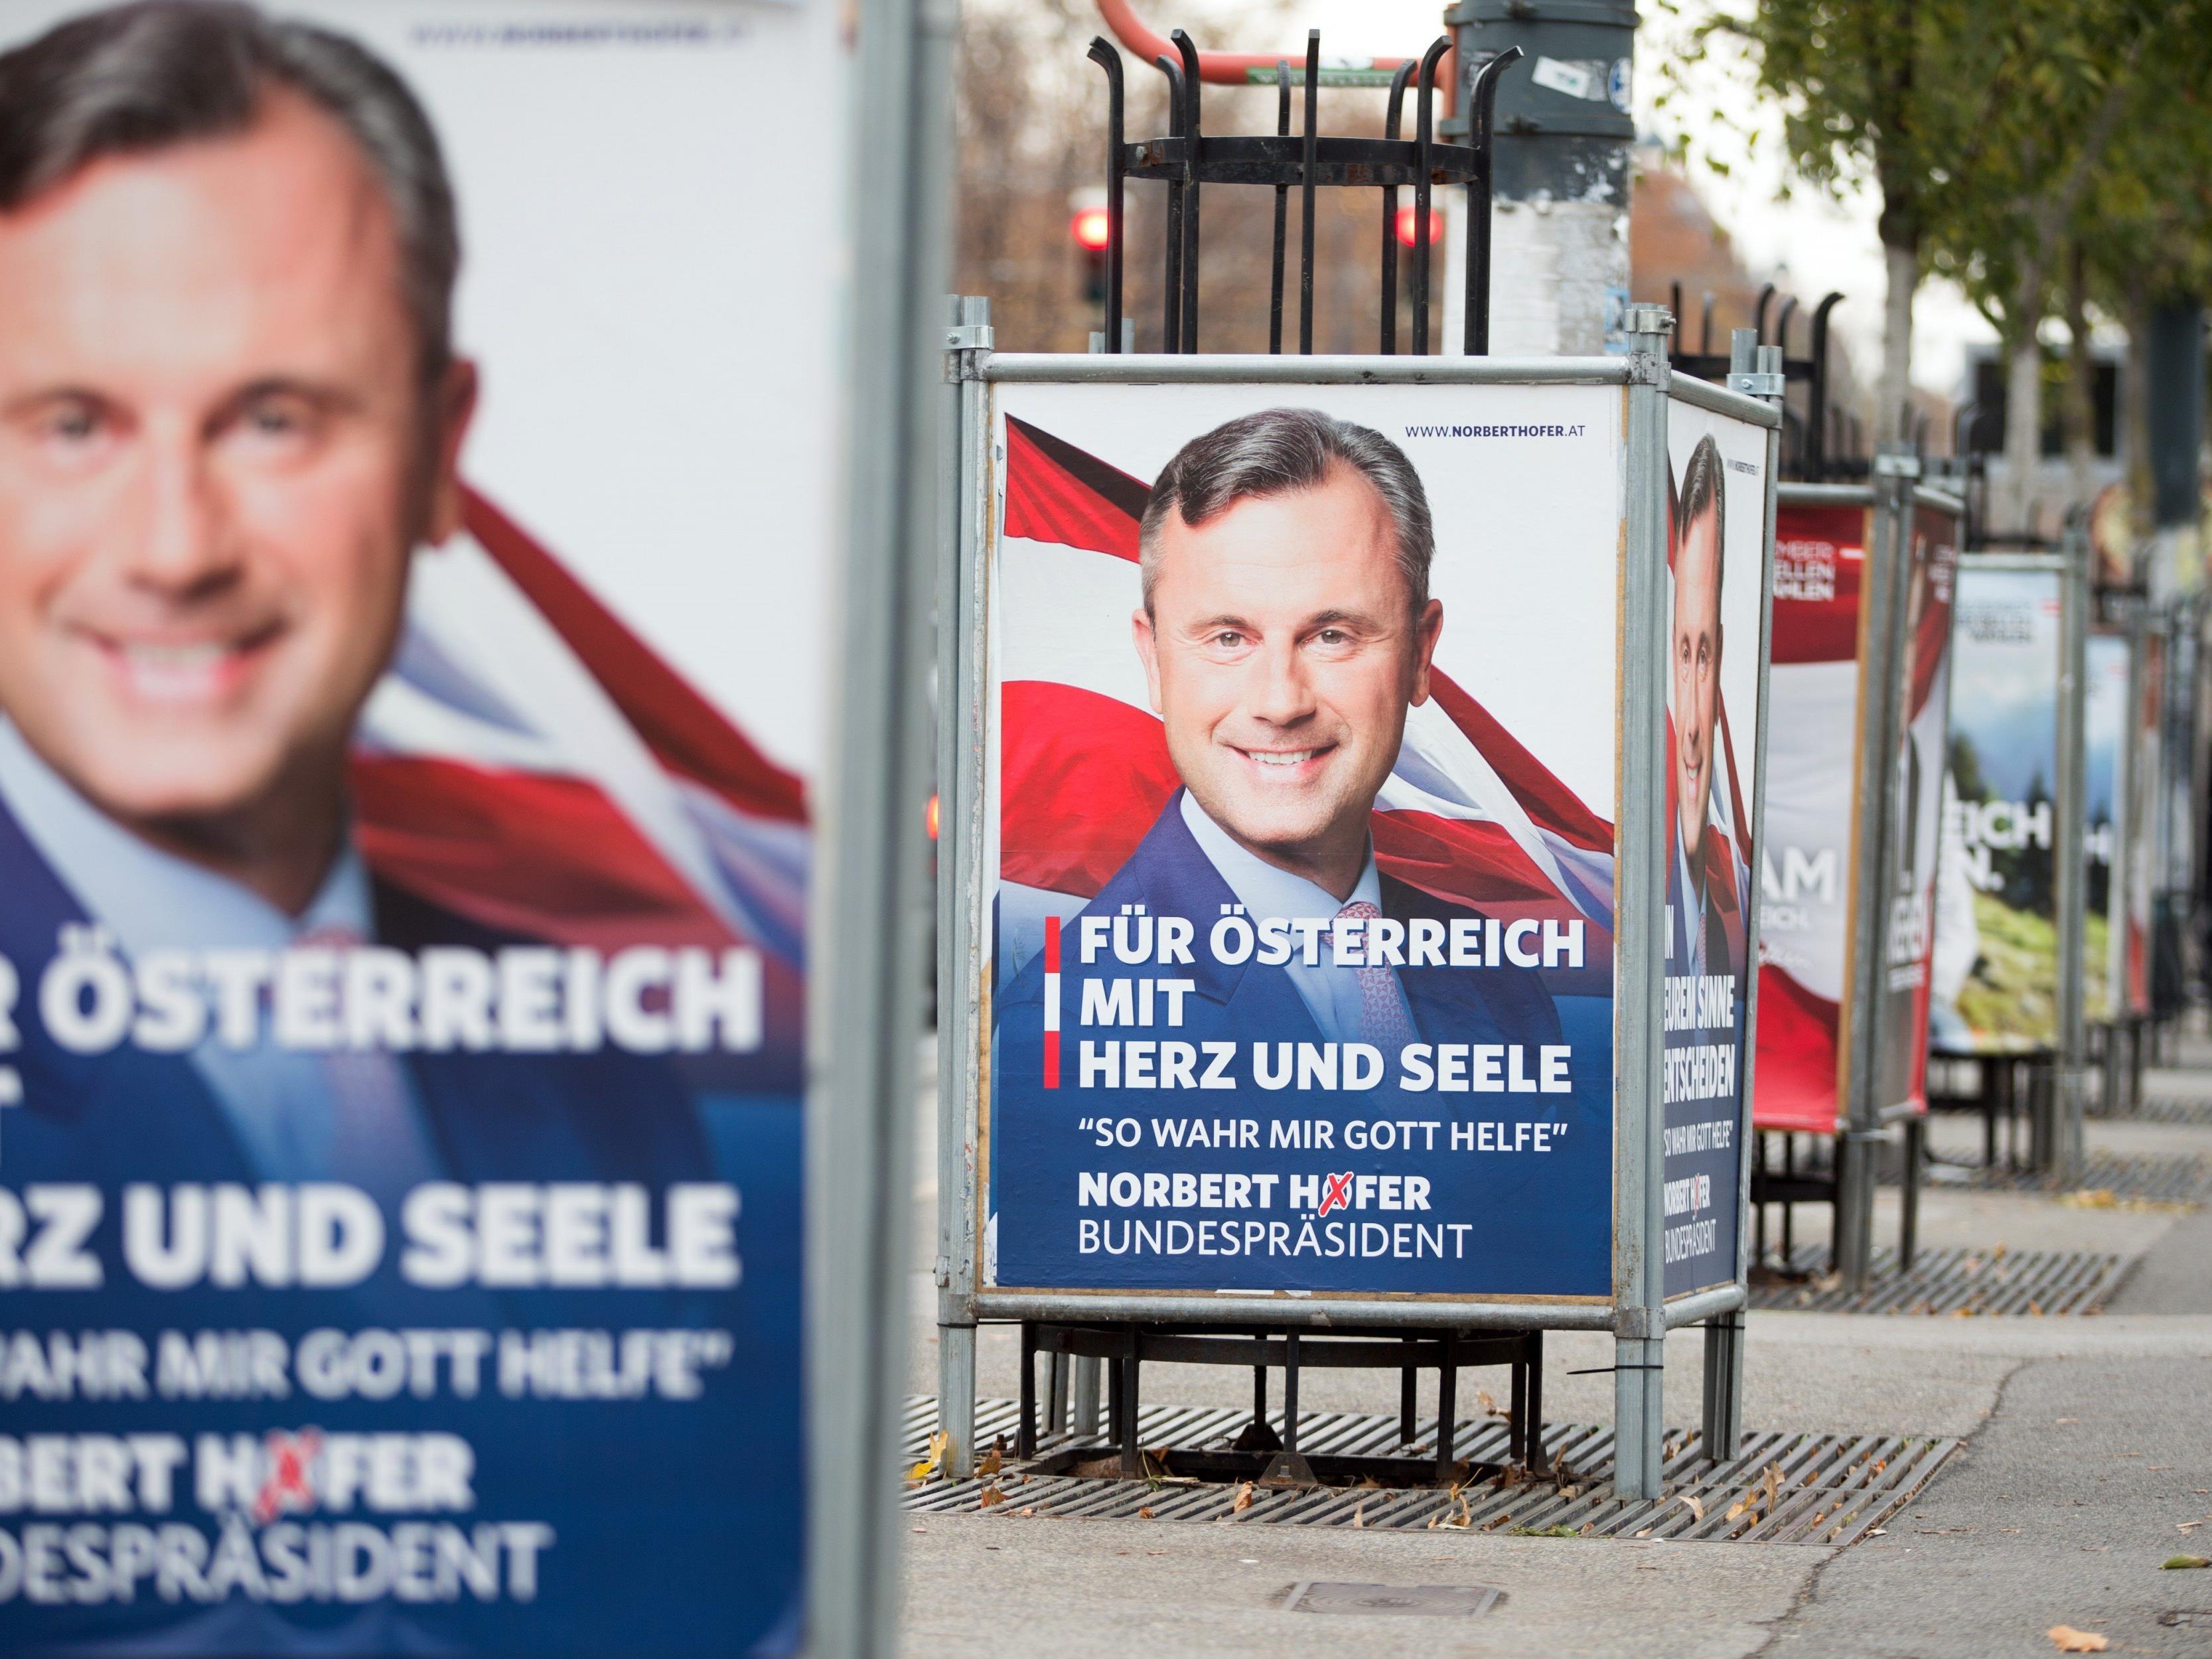 Unbekannte stahlen in der Nacht zu Donnerstag in Bregenz acht Wahlplakate von Bundespräsidentschaftskandidat Norbert Hofer.